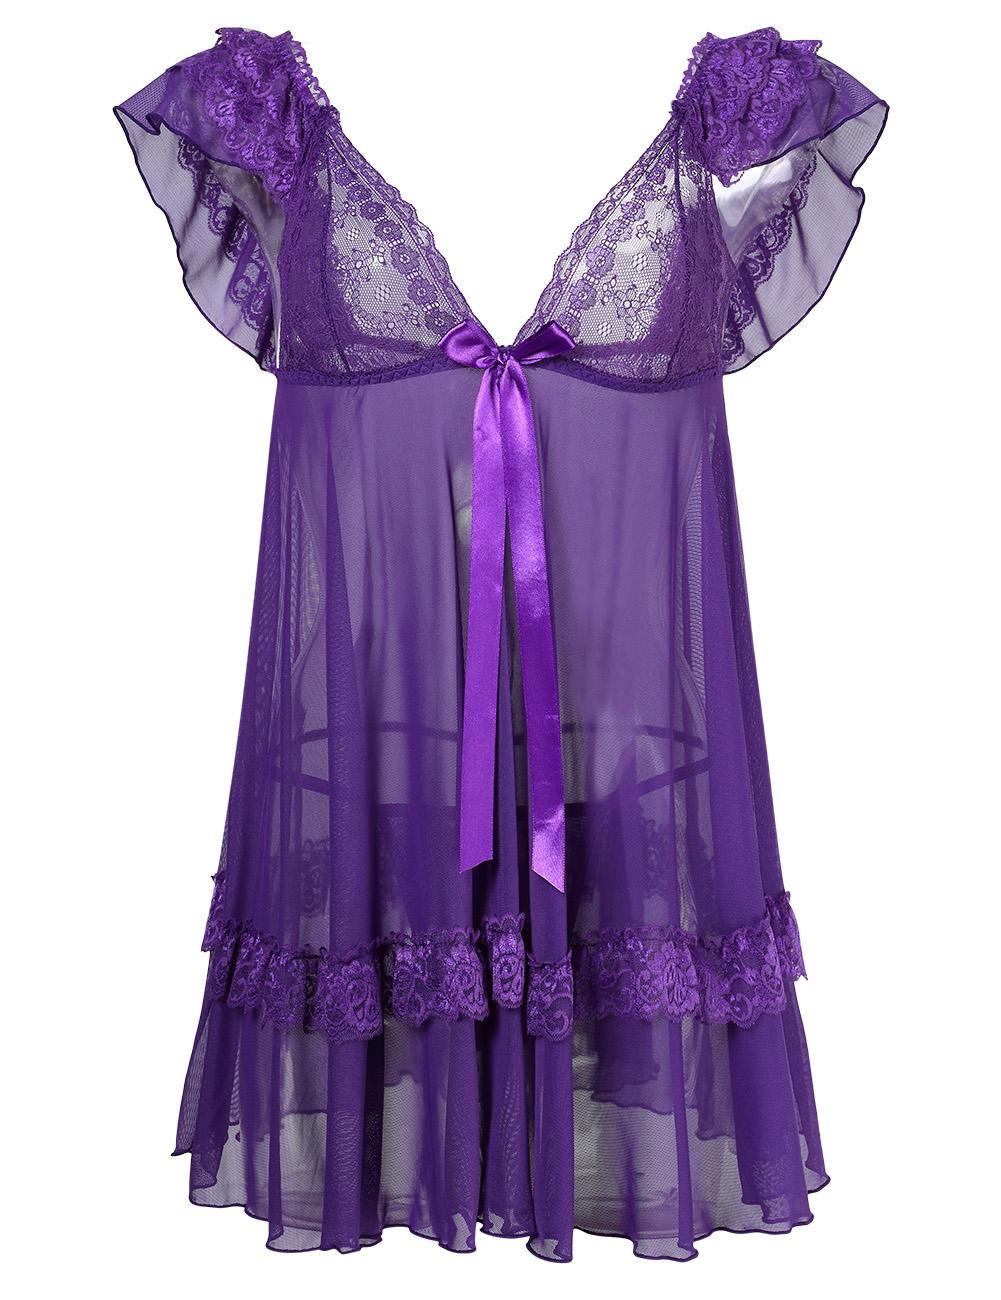 lace lingerie dress - photo #29